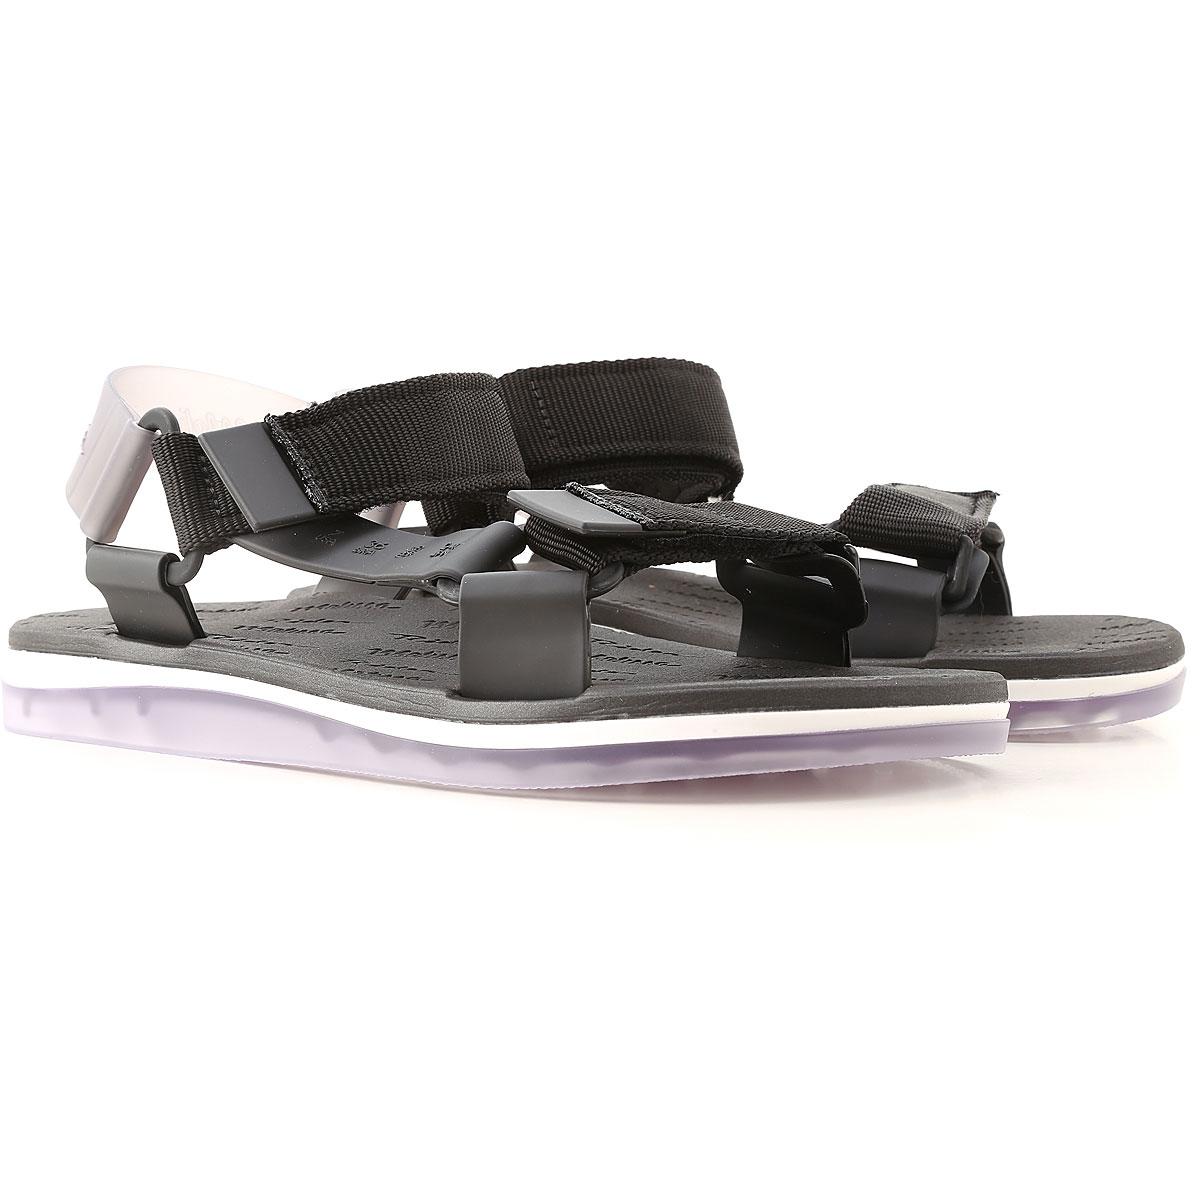 Melissa Sandals for Women On Sale, Black, PVC, 2019, 9